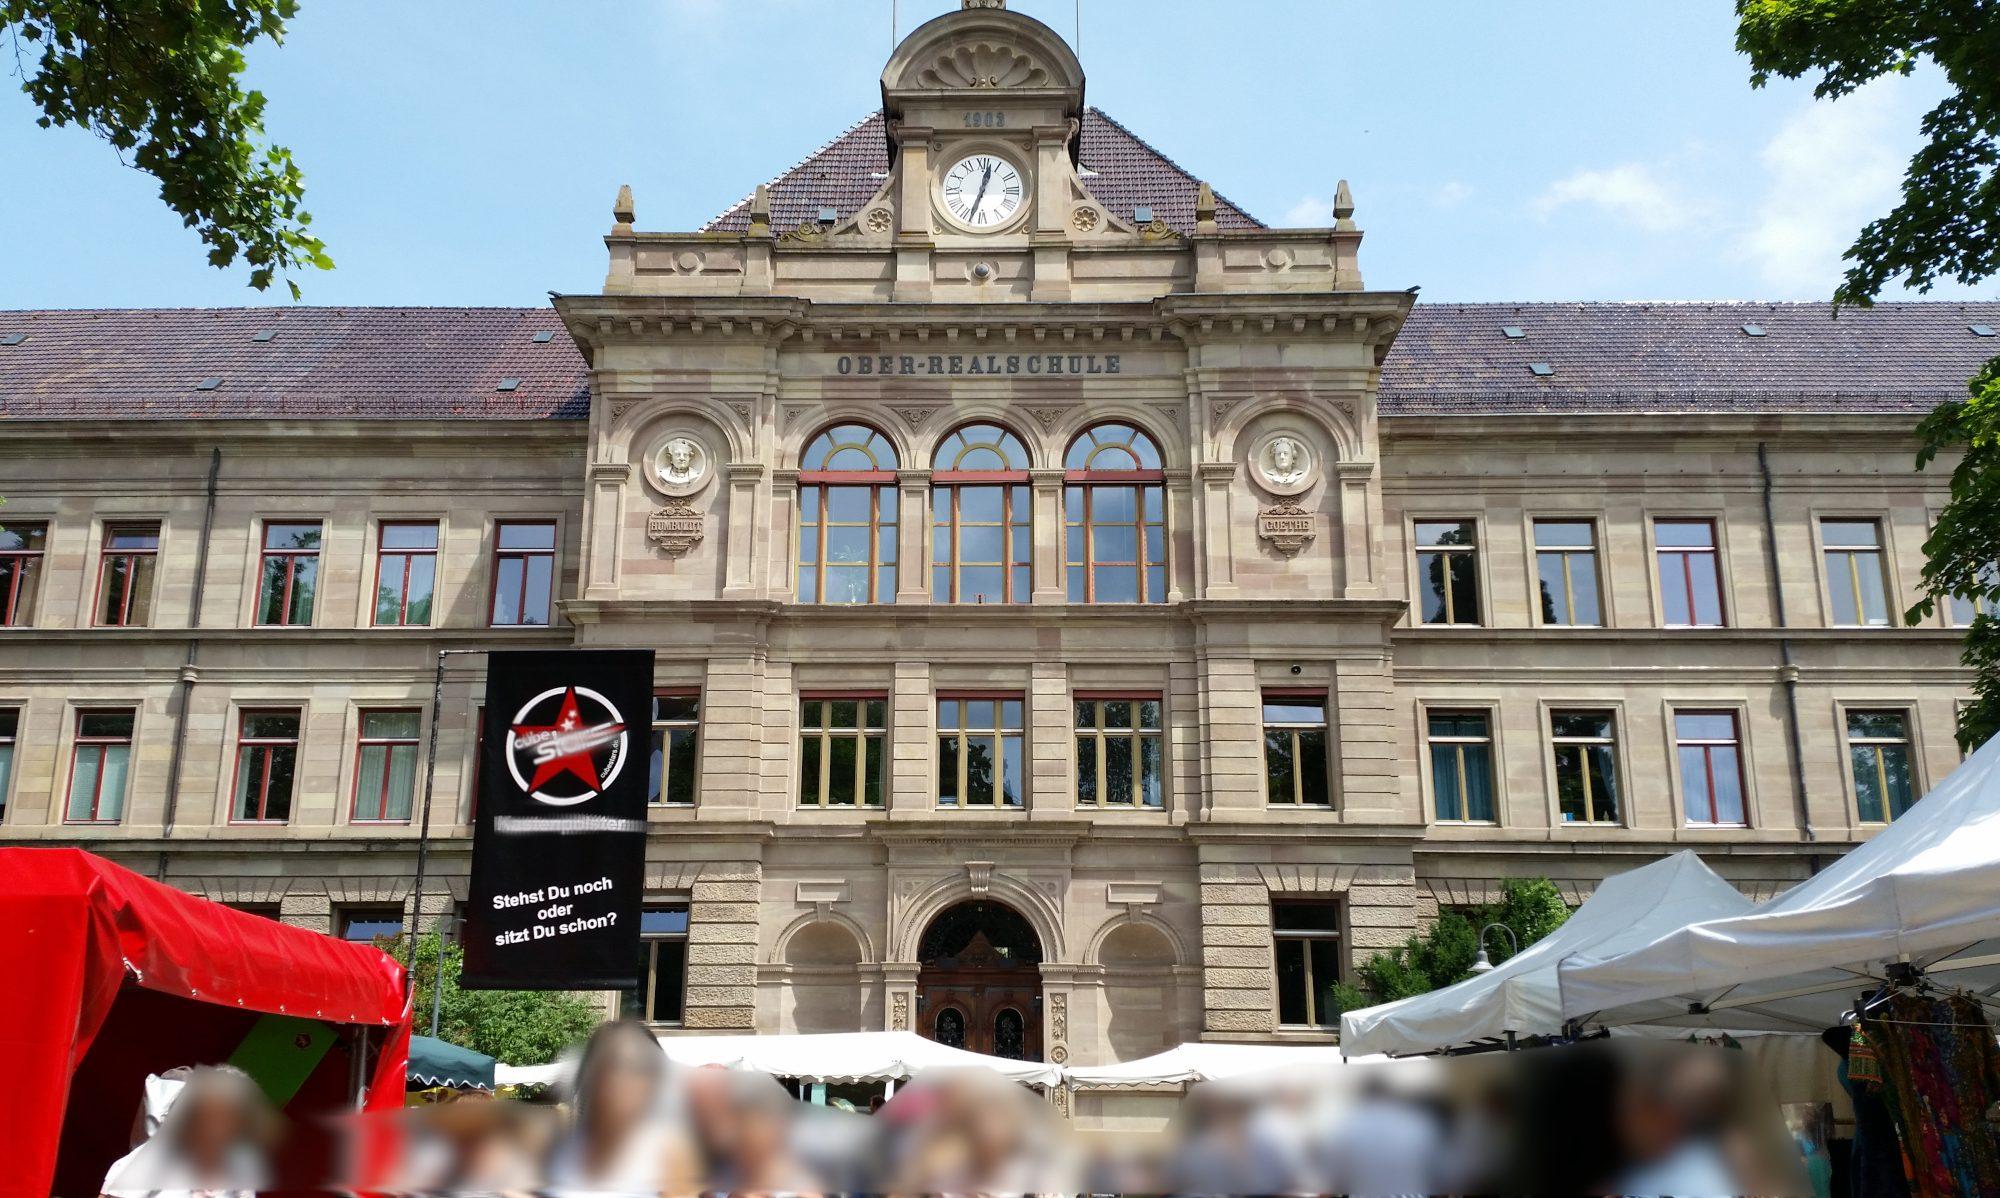 Flohmarkt am AvH, Gymnasium, hier wird der Schallplattenmarkt stattfinden - grenzüberschreitender Flohmarkt, Konstanz D, Kreuzlingen, CH - miradlo-Versanddepot informiert